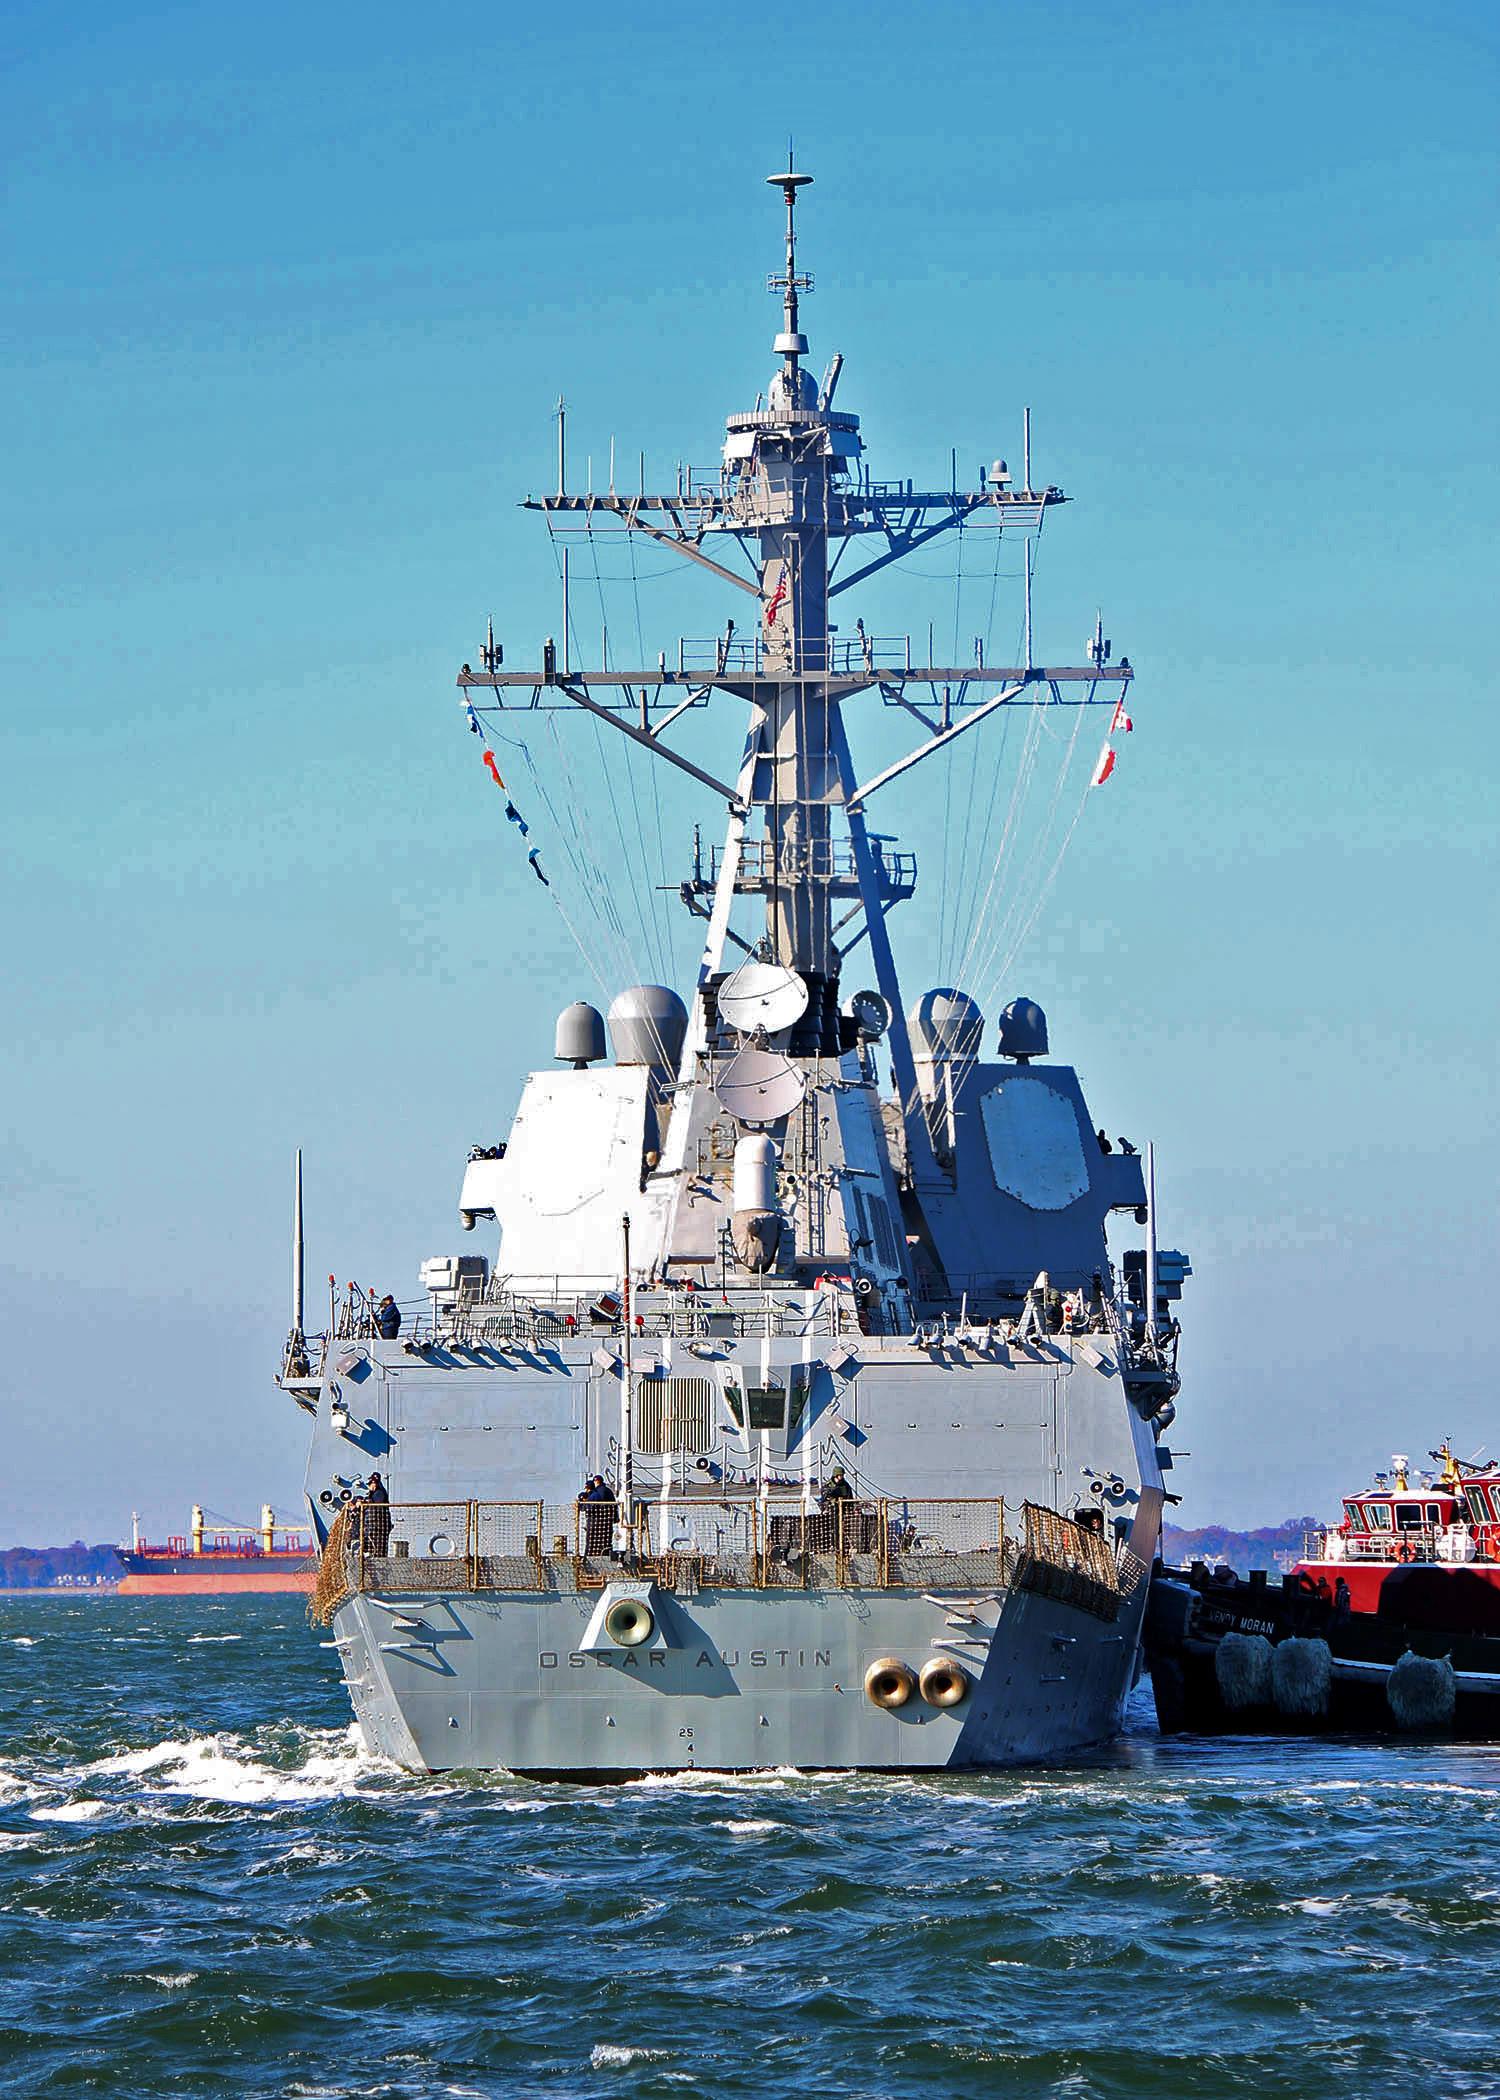 USS OSCAR AUSTIN DDG-79 Auslaufen Norfolk am 21.11.2014 Bild: U.S. Navy